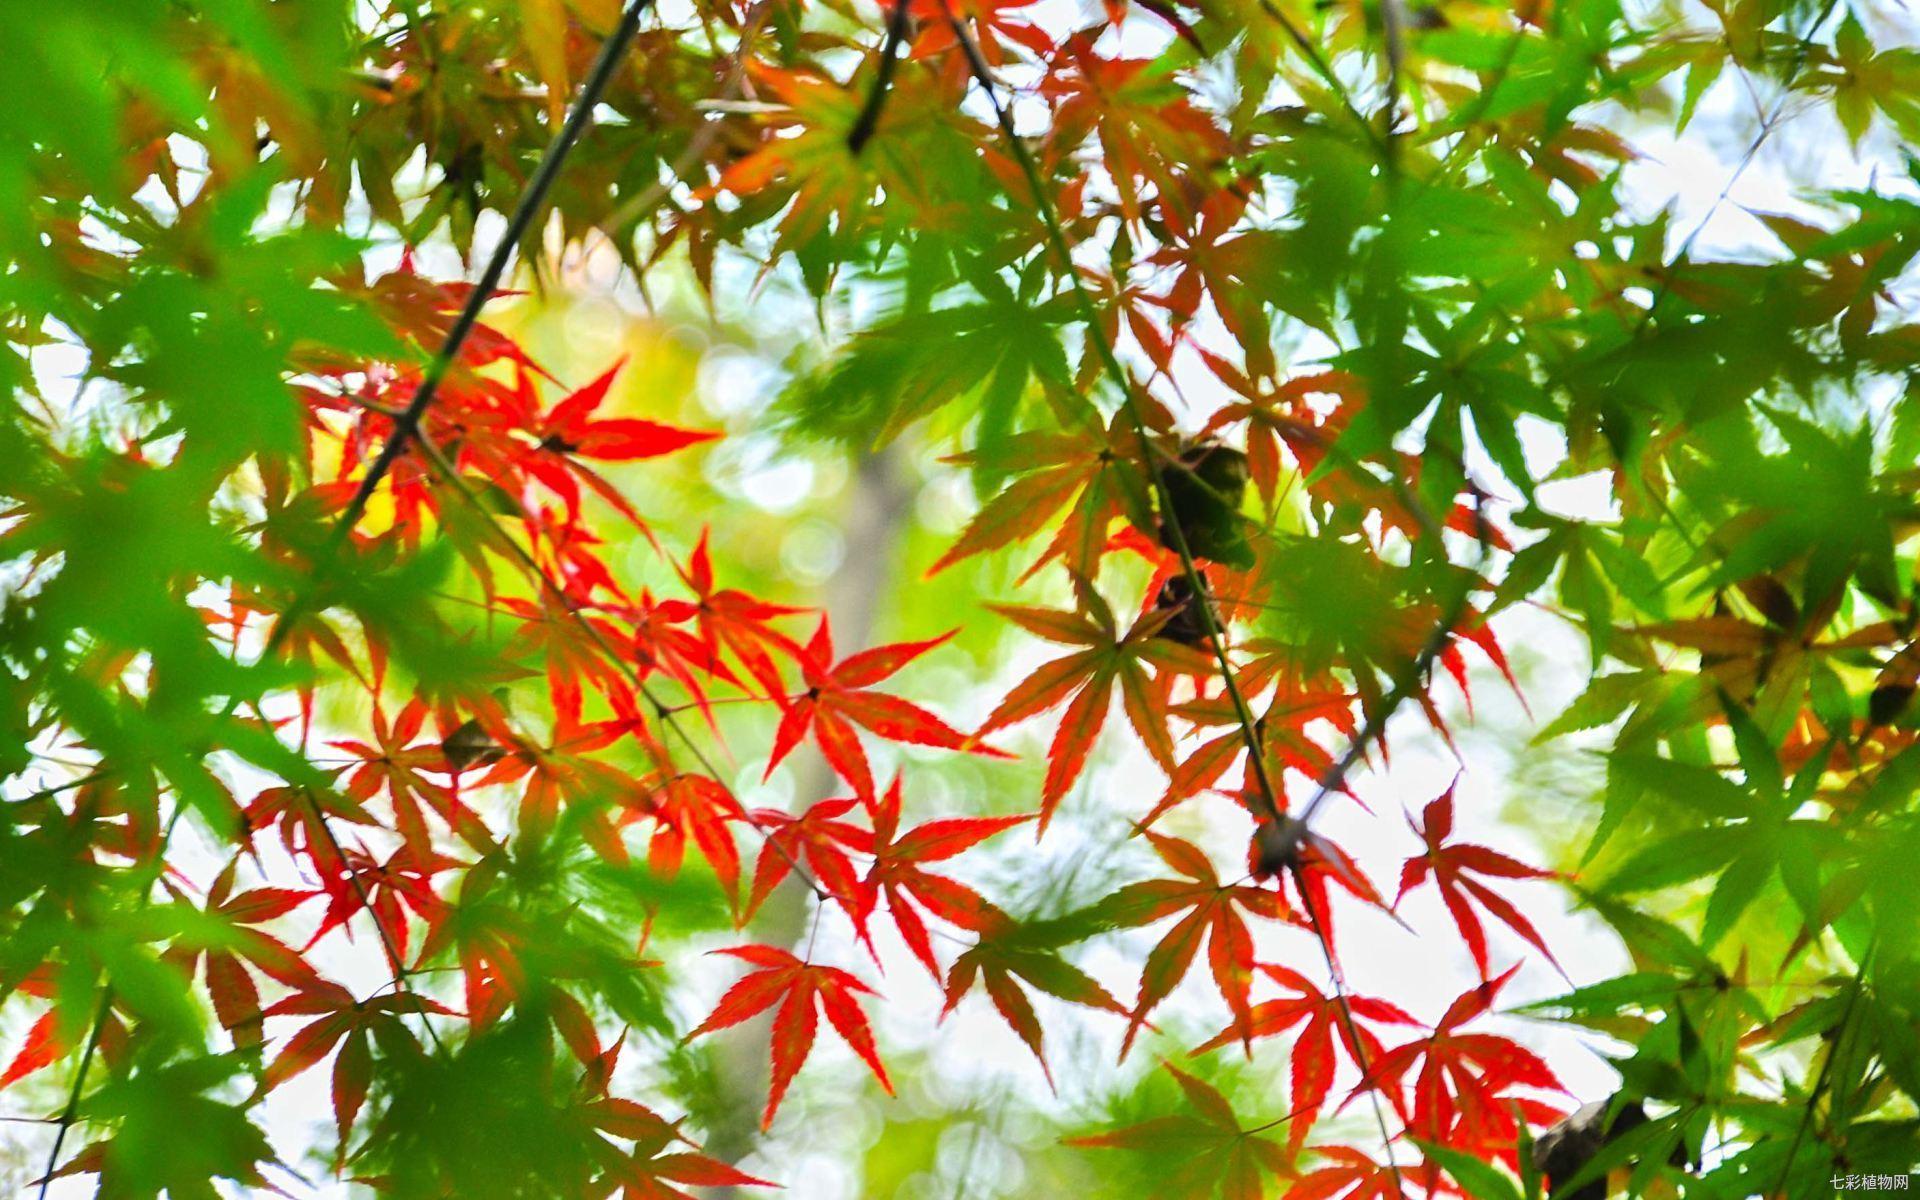 枫叶变红的原因